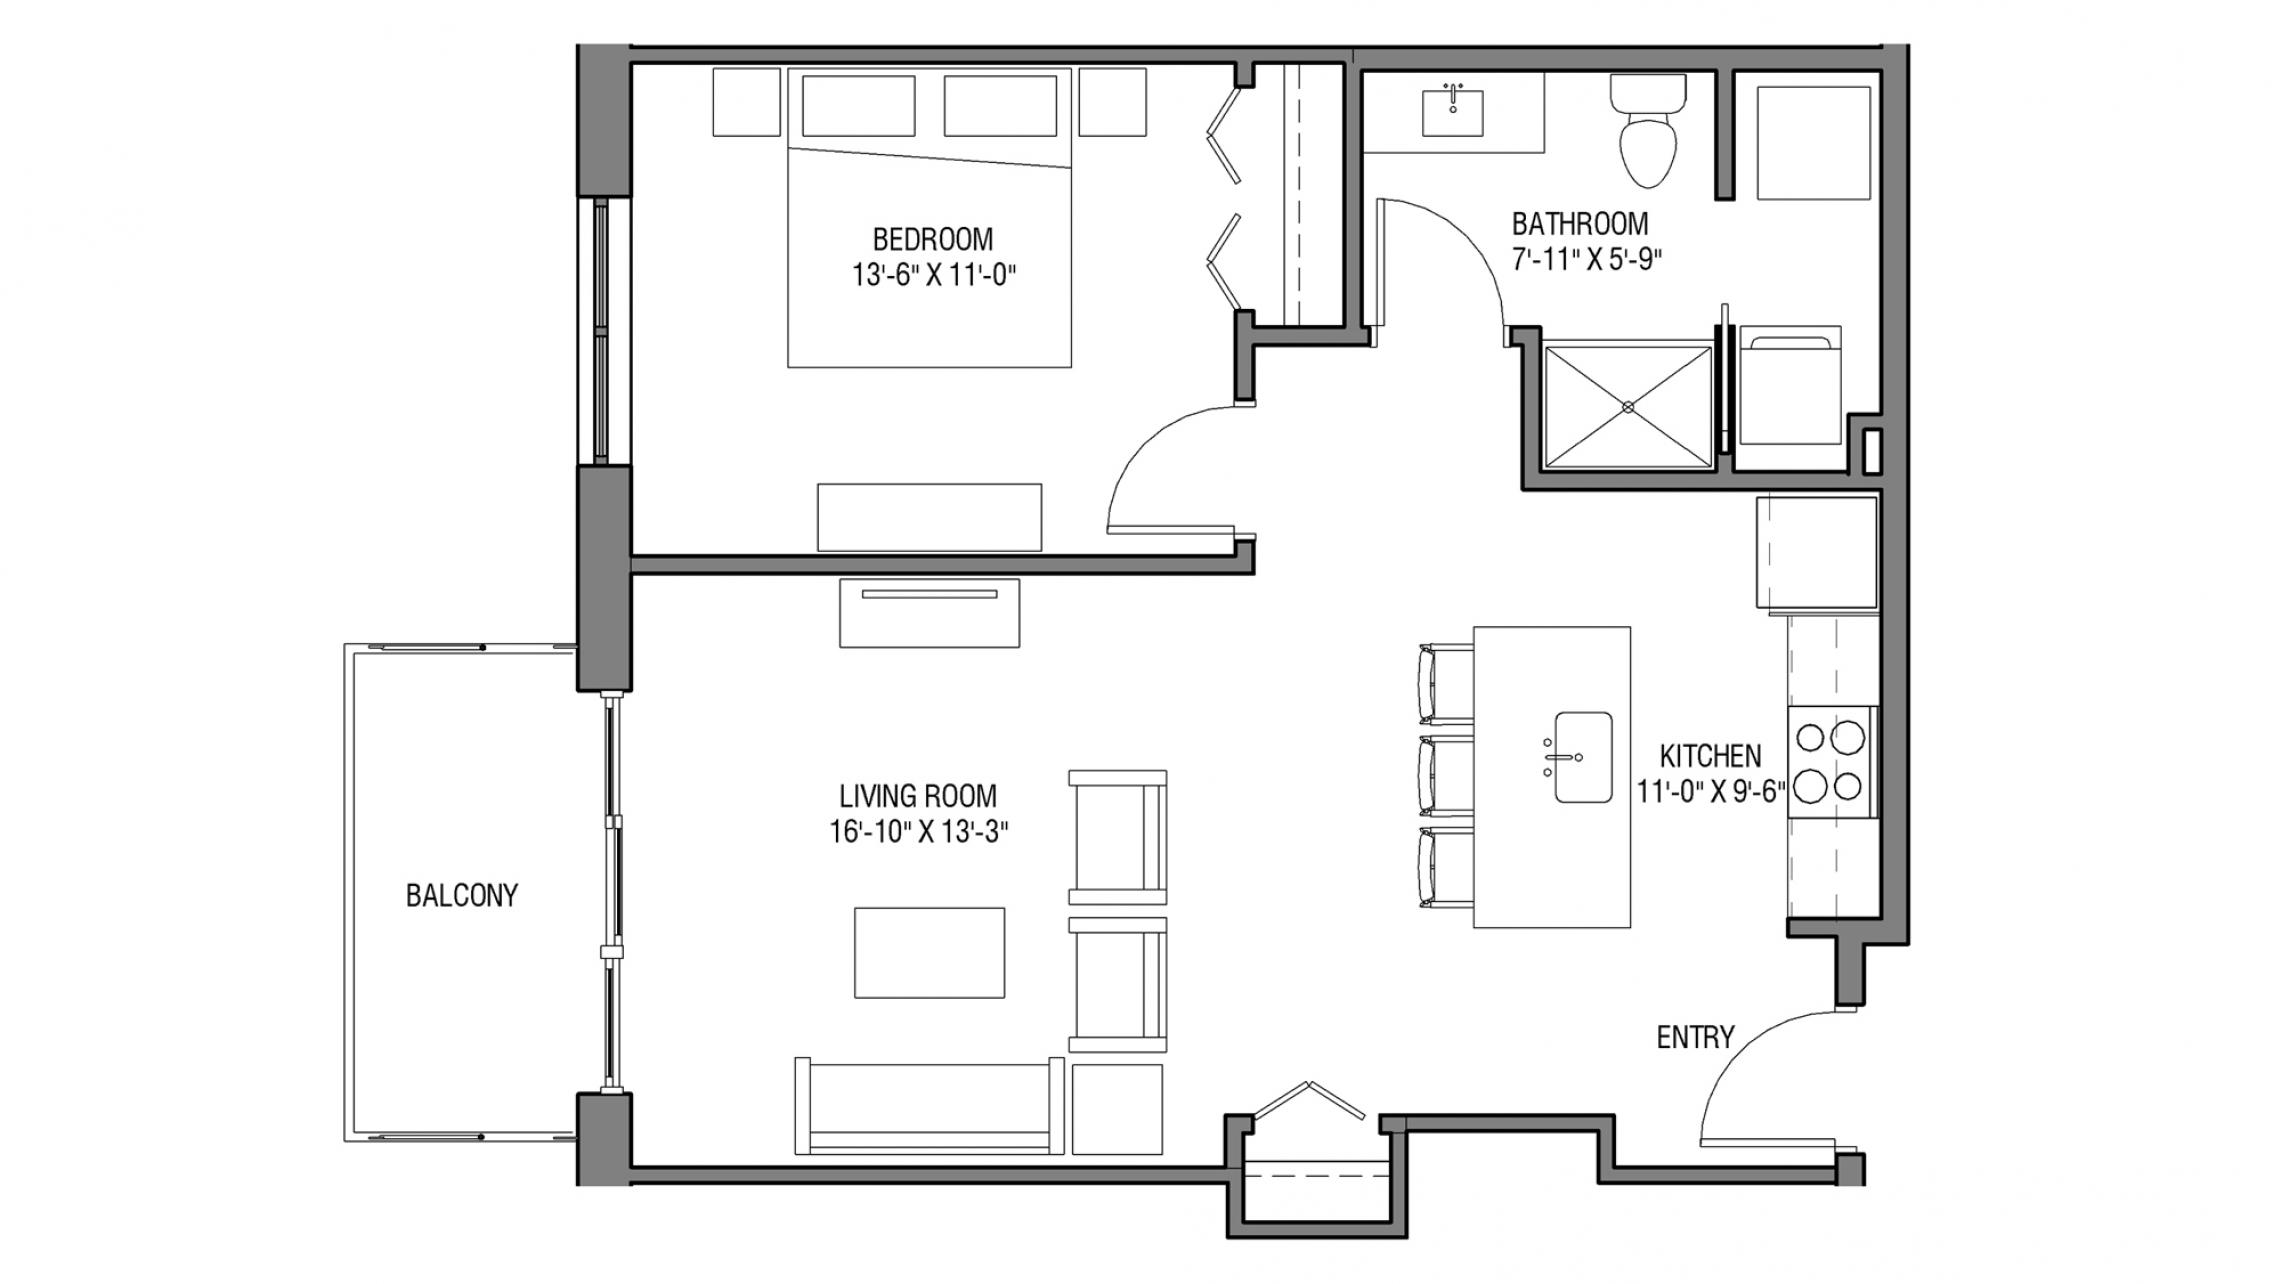 ULI Nine Line 321 - One Bedroom, One Bathroom